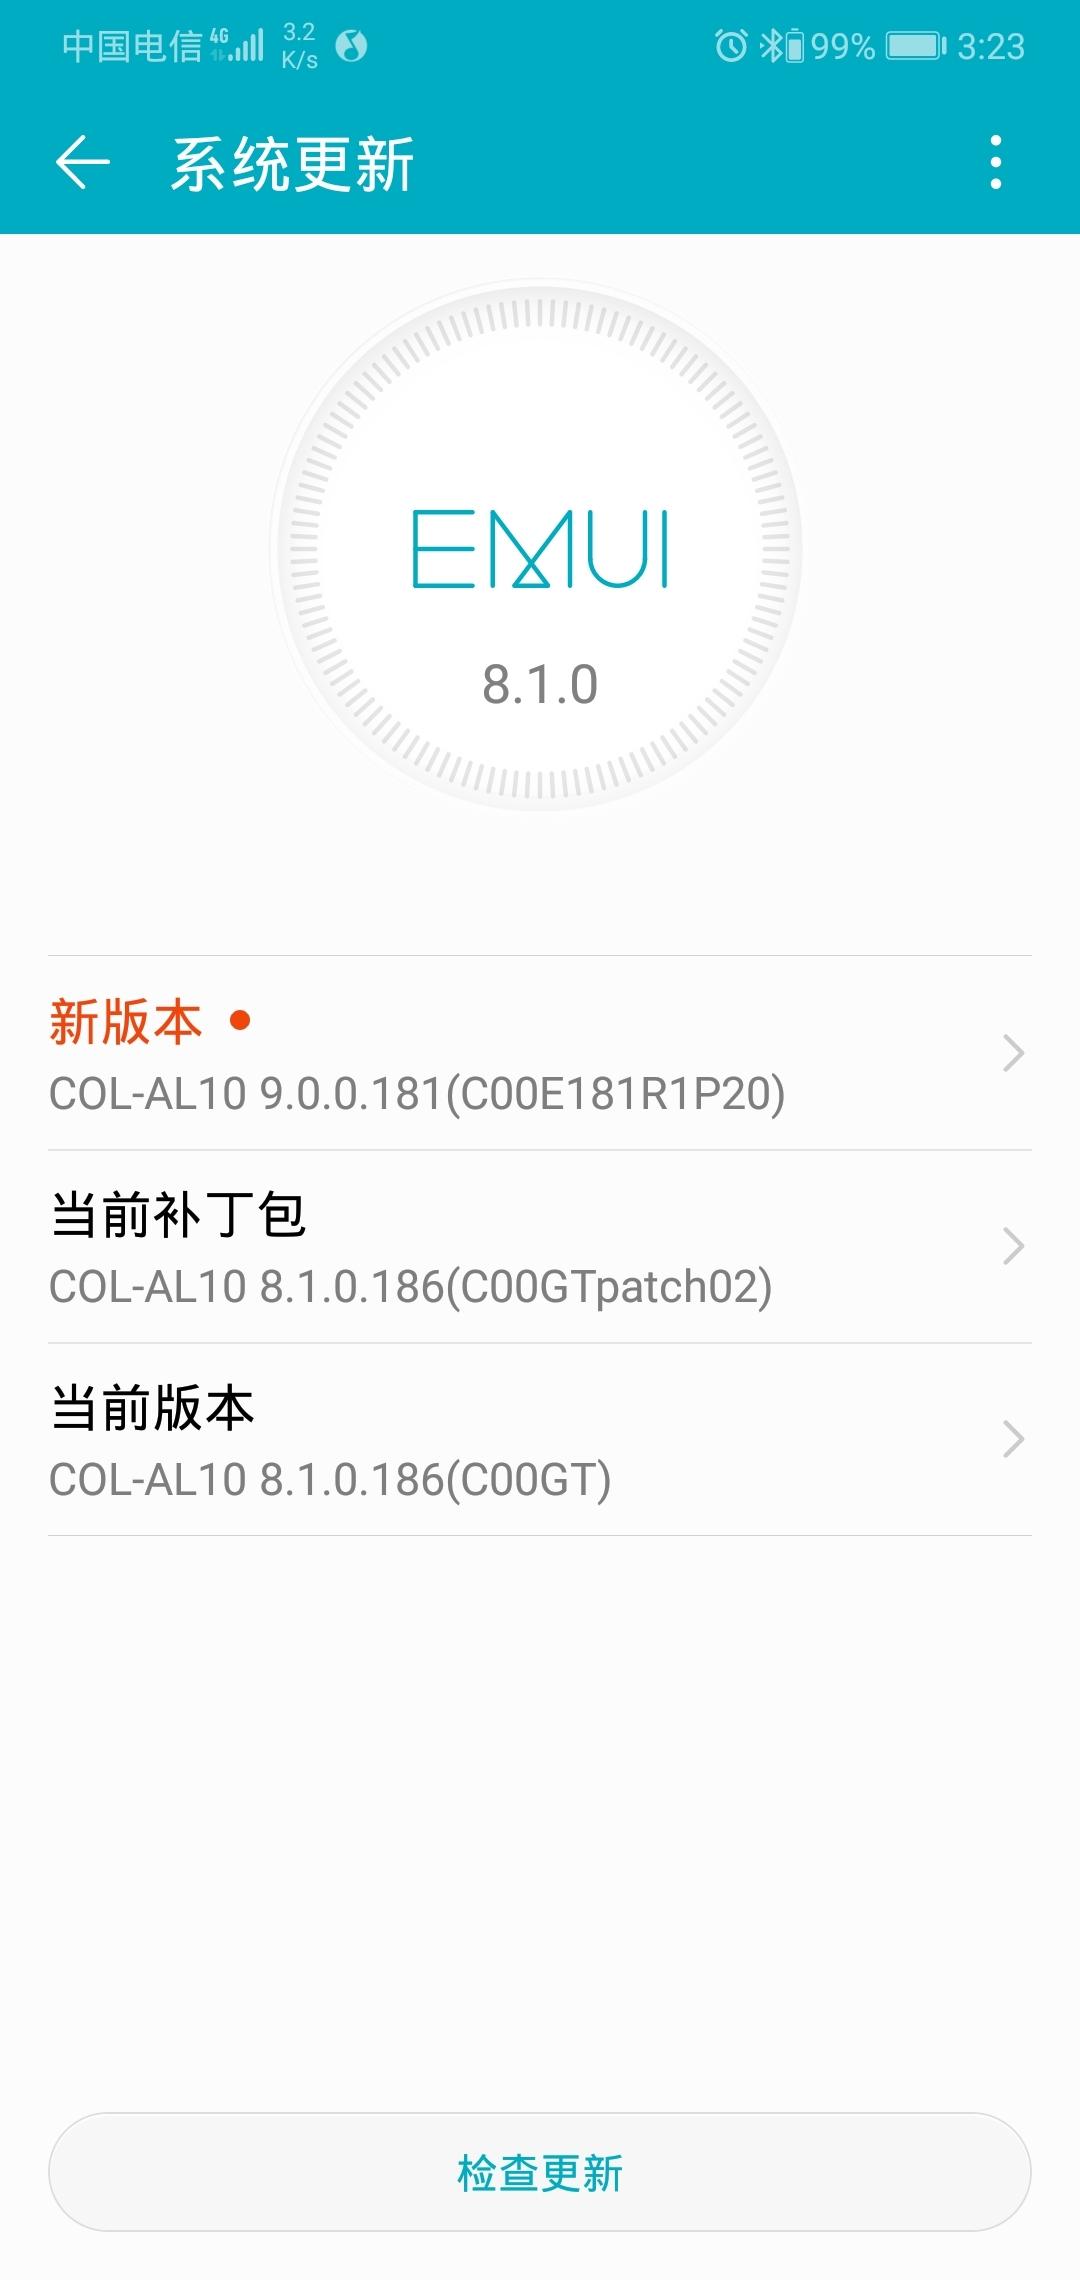 Screenshot_20200521-032302.jpg